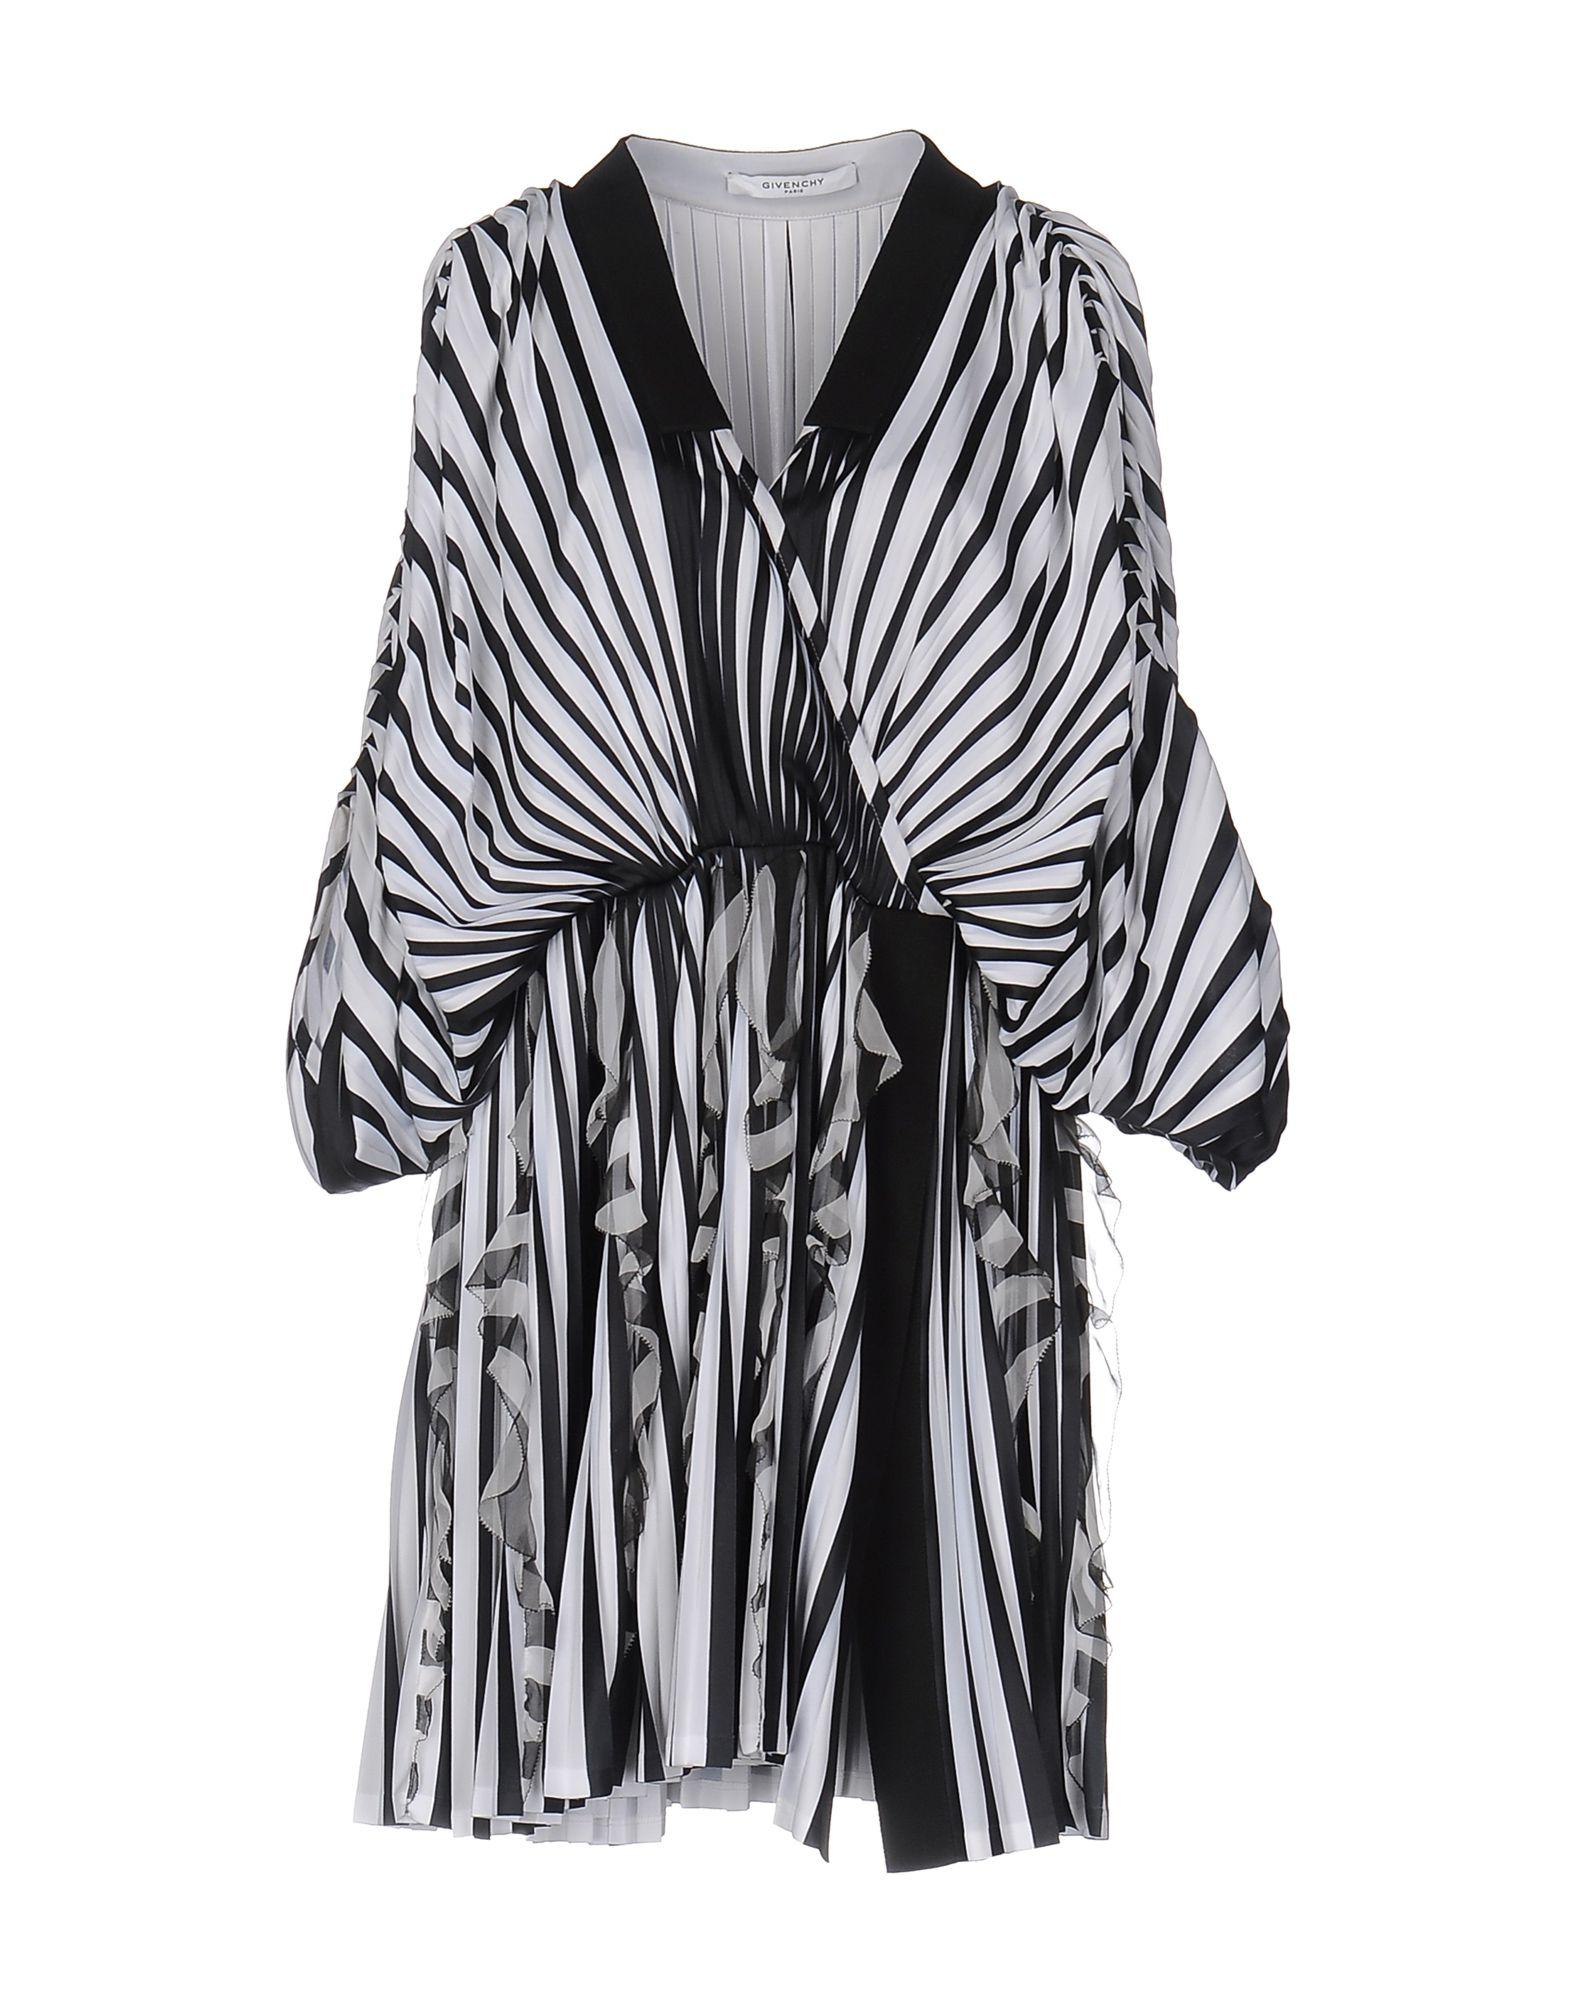 《送料無料》GIVENCHY レディース ミニワンピース&ドレス ブラック 36 ポリエステル 100% / シルク / コットン / アセテート